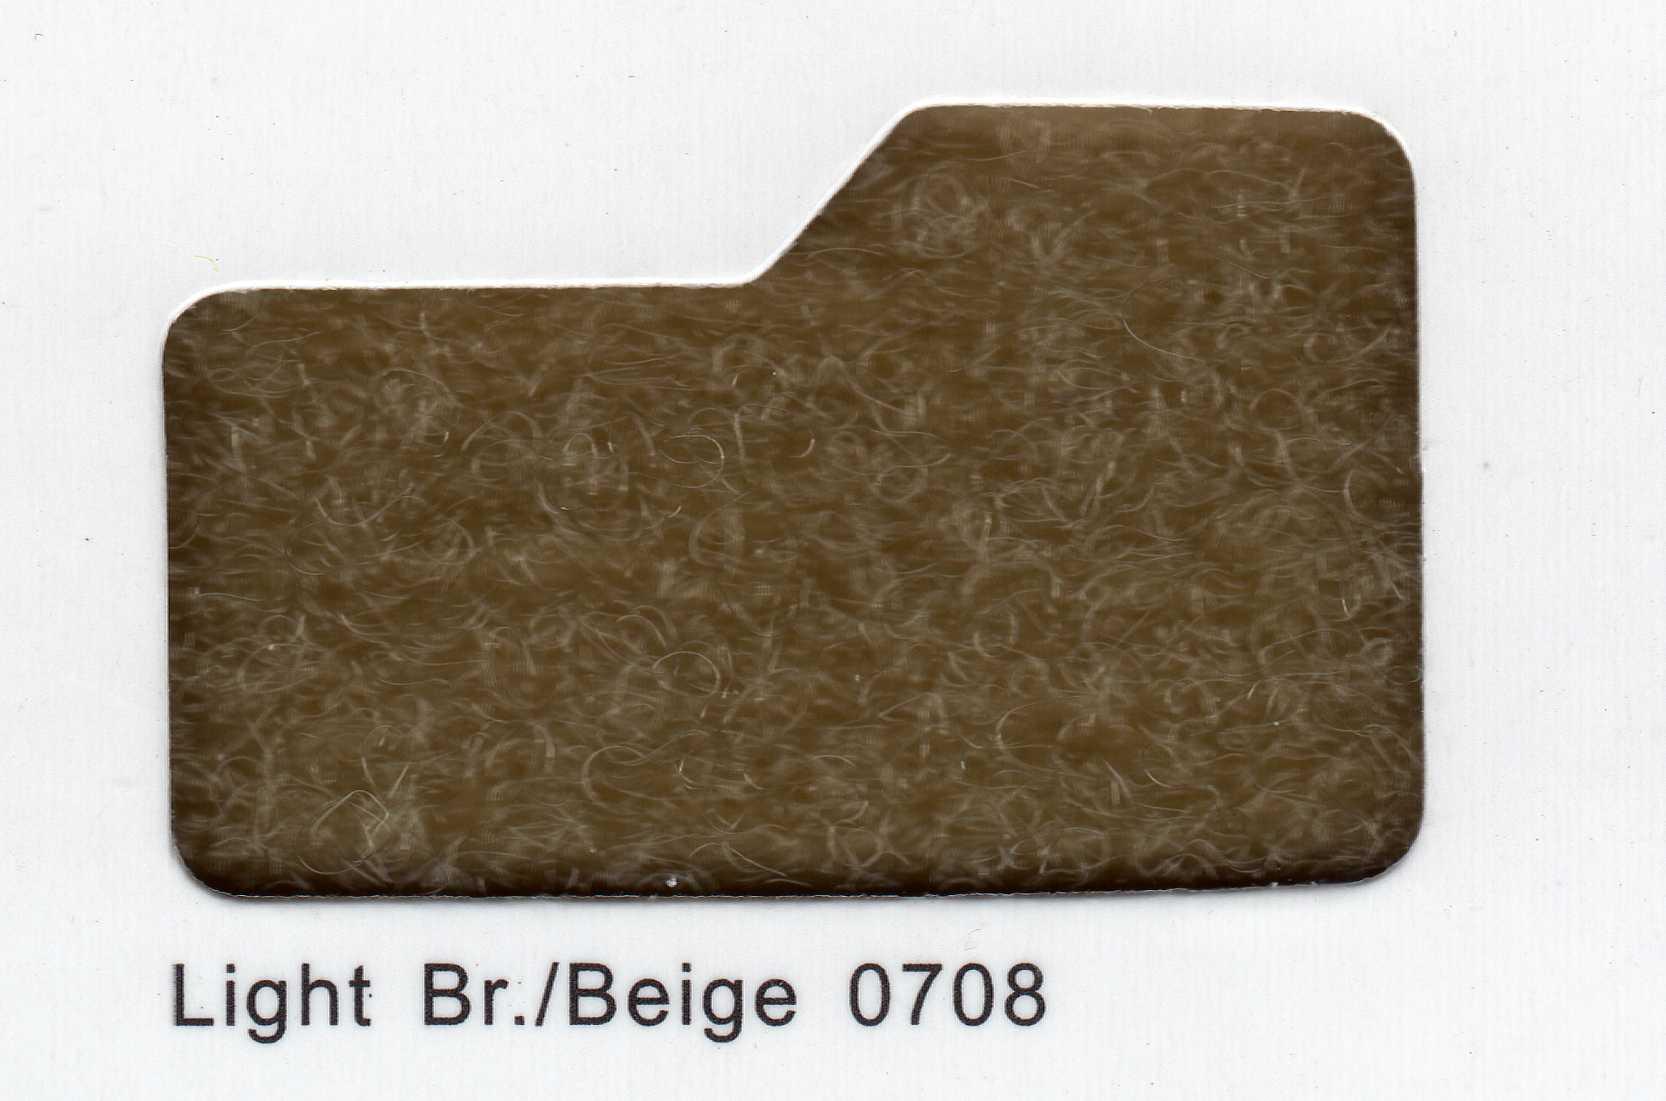 Cinta de cierre Velcro-Veraco 38mm Beige 0708 (Rizo).